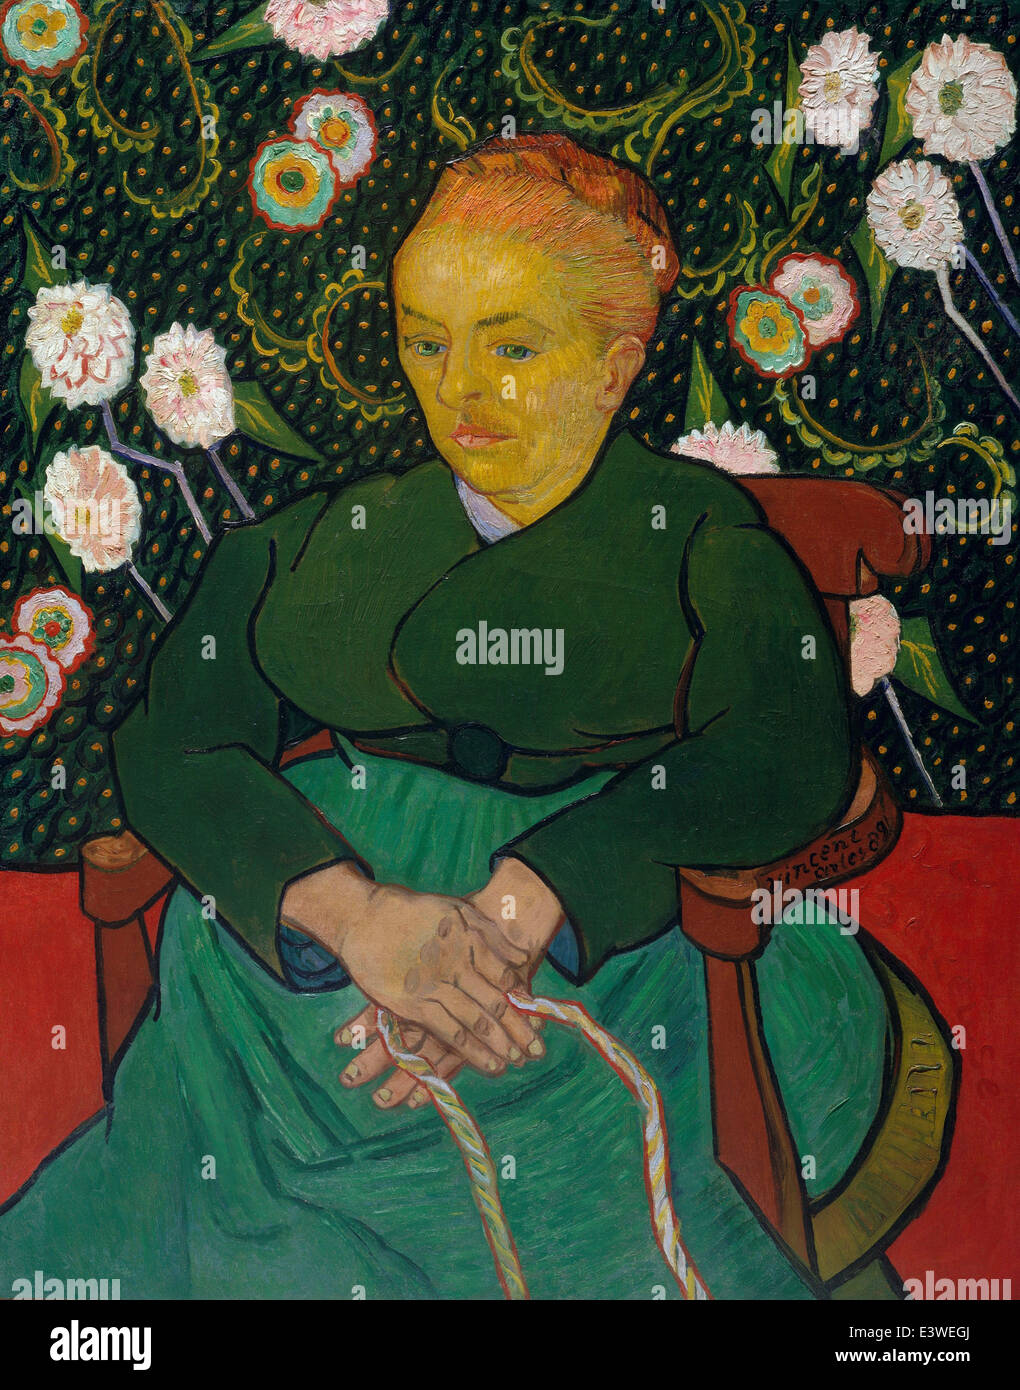 Vincent van Gogh - La Berceuse - 1889 - MET Museum - New-York - Stock Image